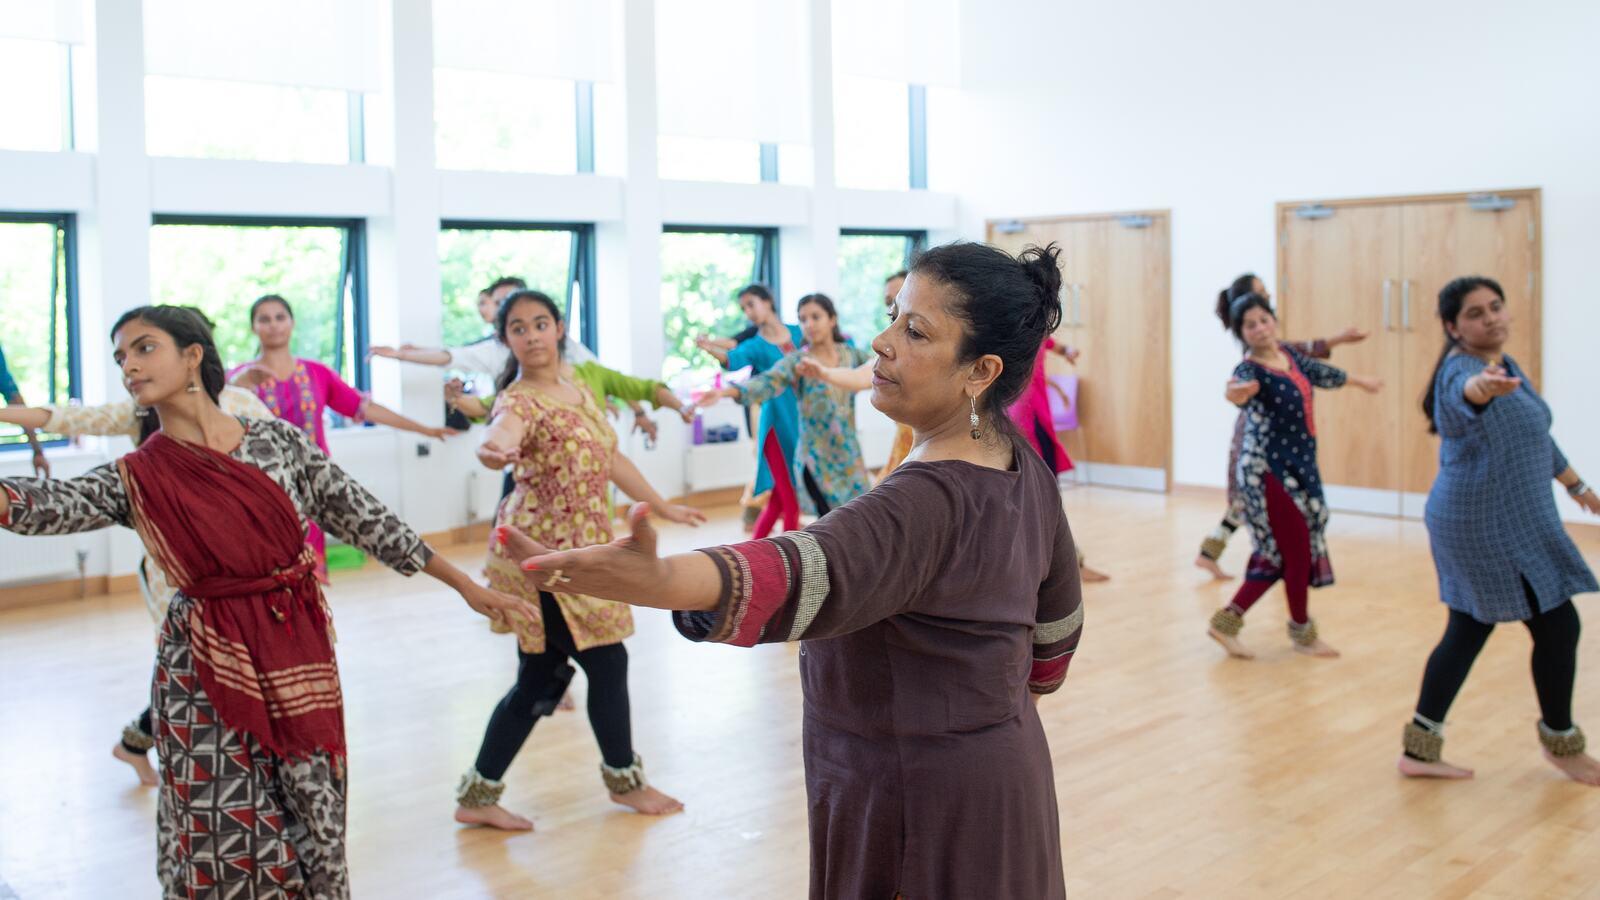 Dancers in a studio